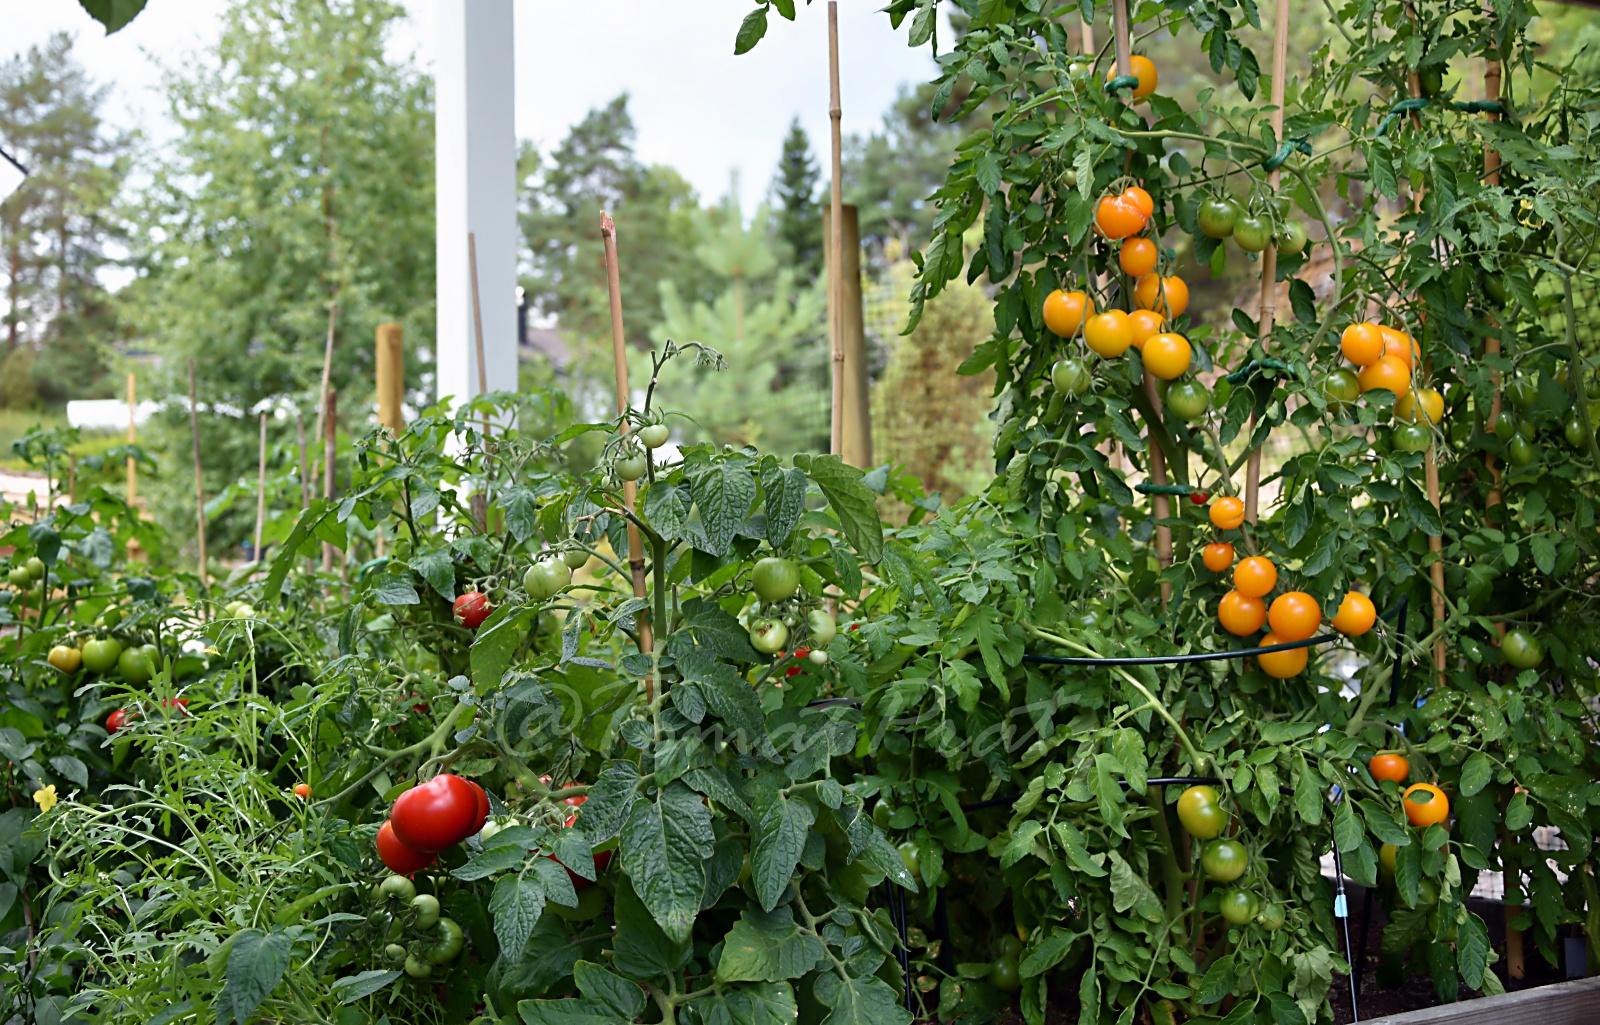 70f1d2ec9 TomatPrat: TIPS: SLIK LYKKES DU MED UTENDØRS TOMATDYRKING!